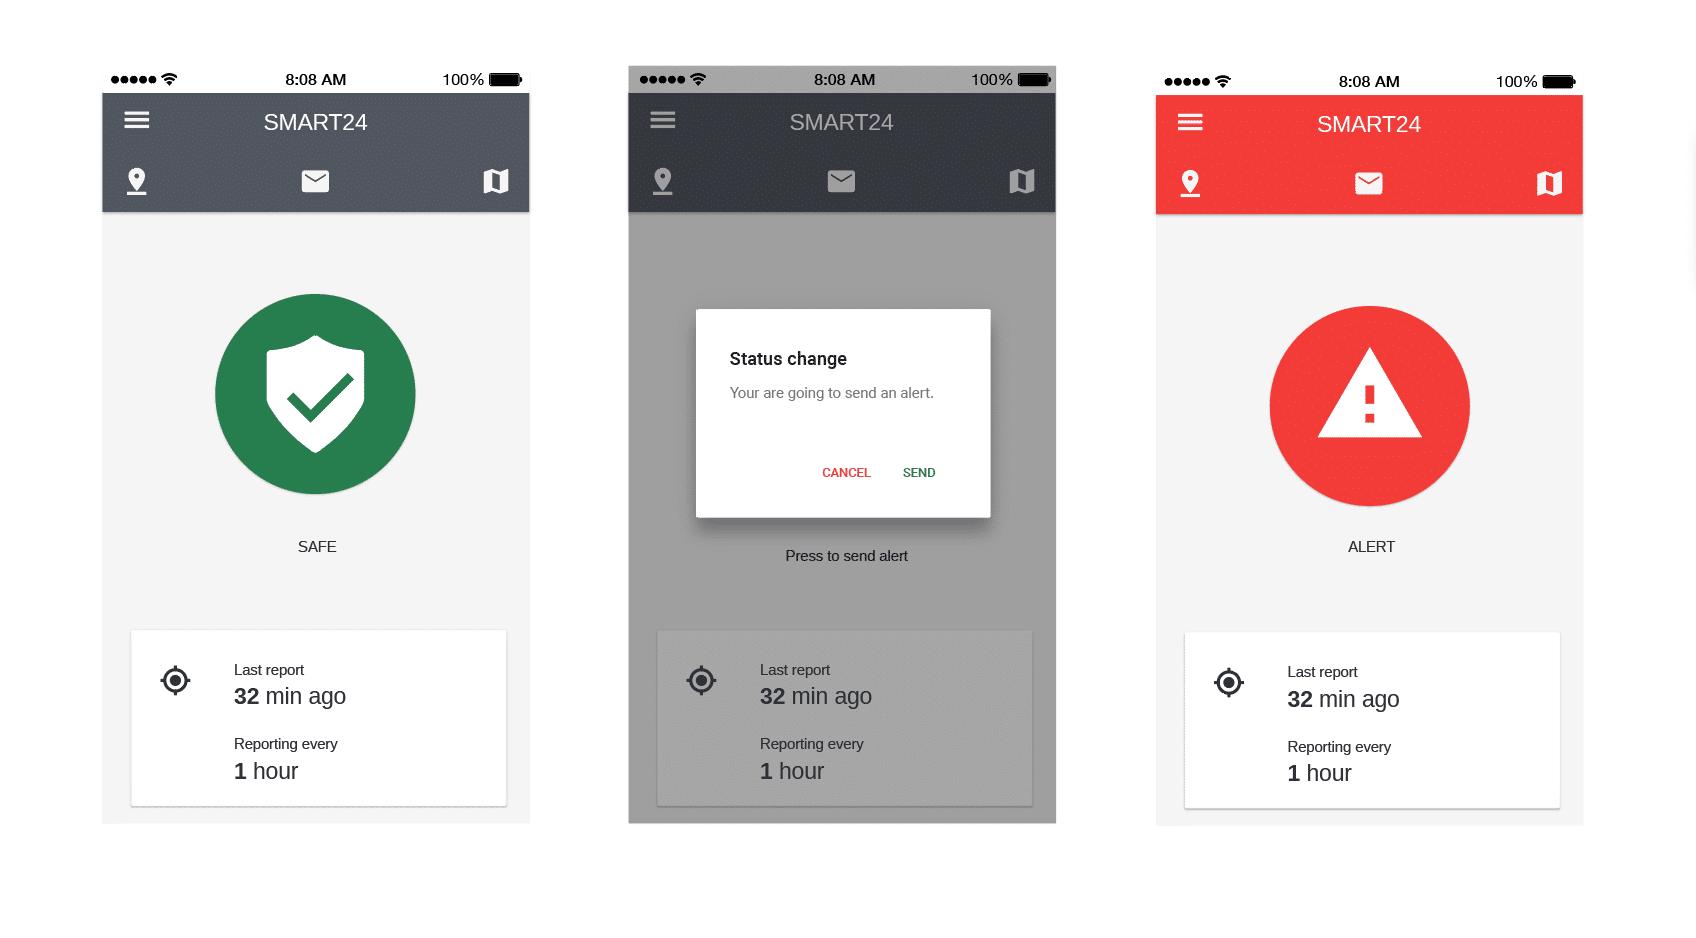 Smart24 app